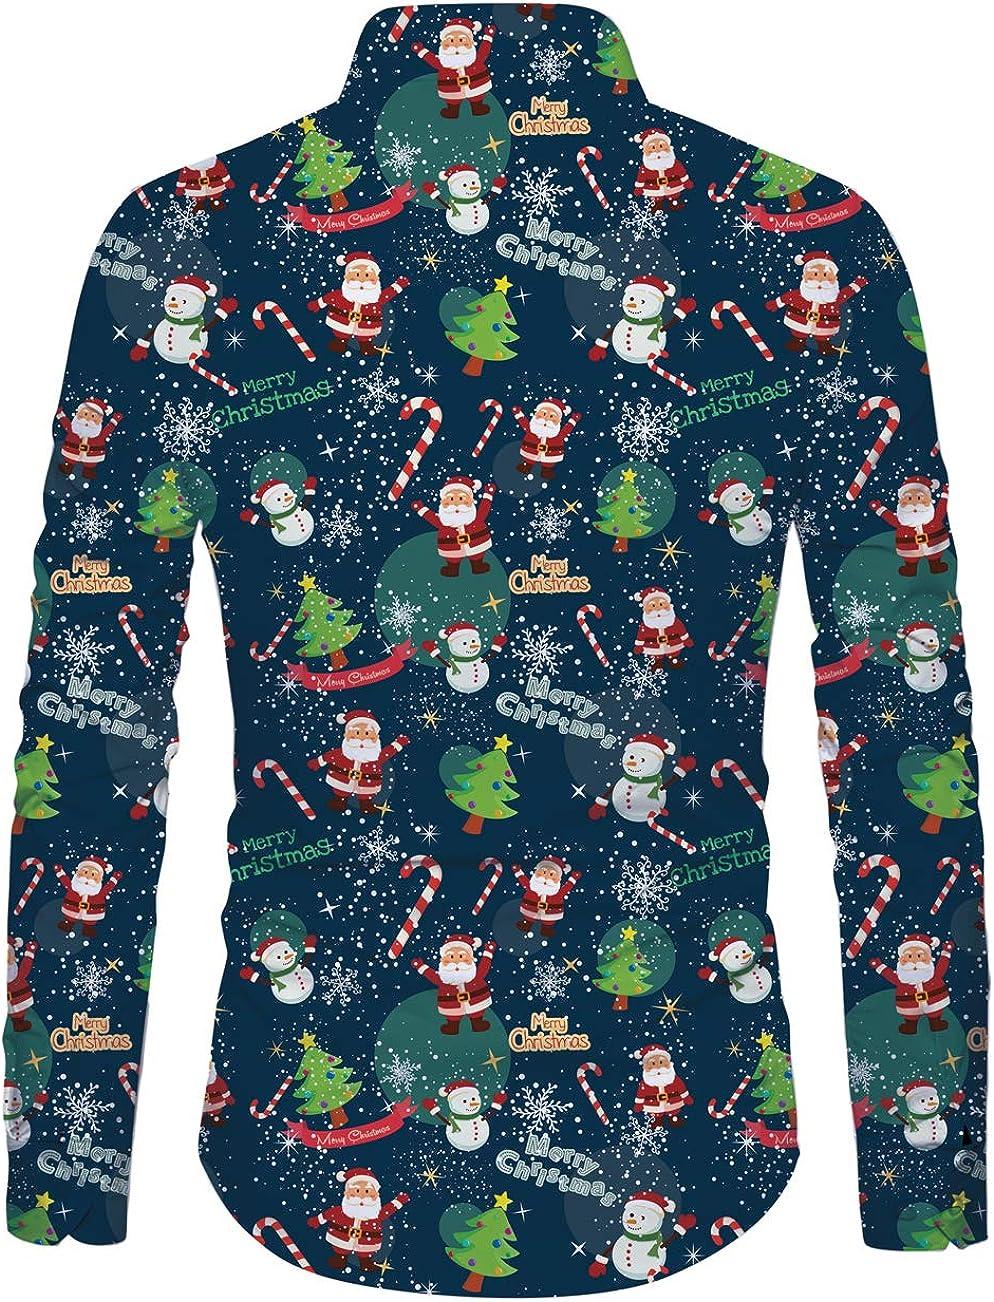 Idgreatim Uomo Camicia Stampato Natale Maniche Lungo Button Down Vacanza Hawaiana Camicie